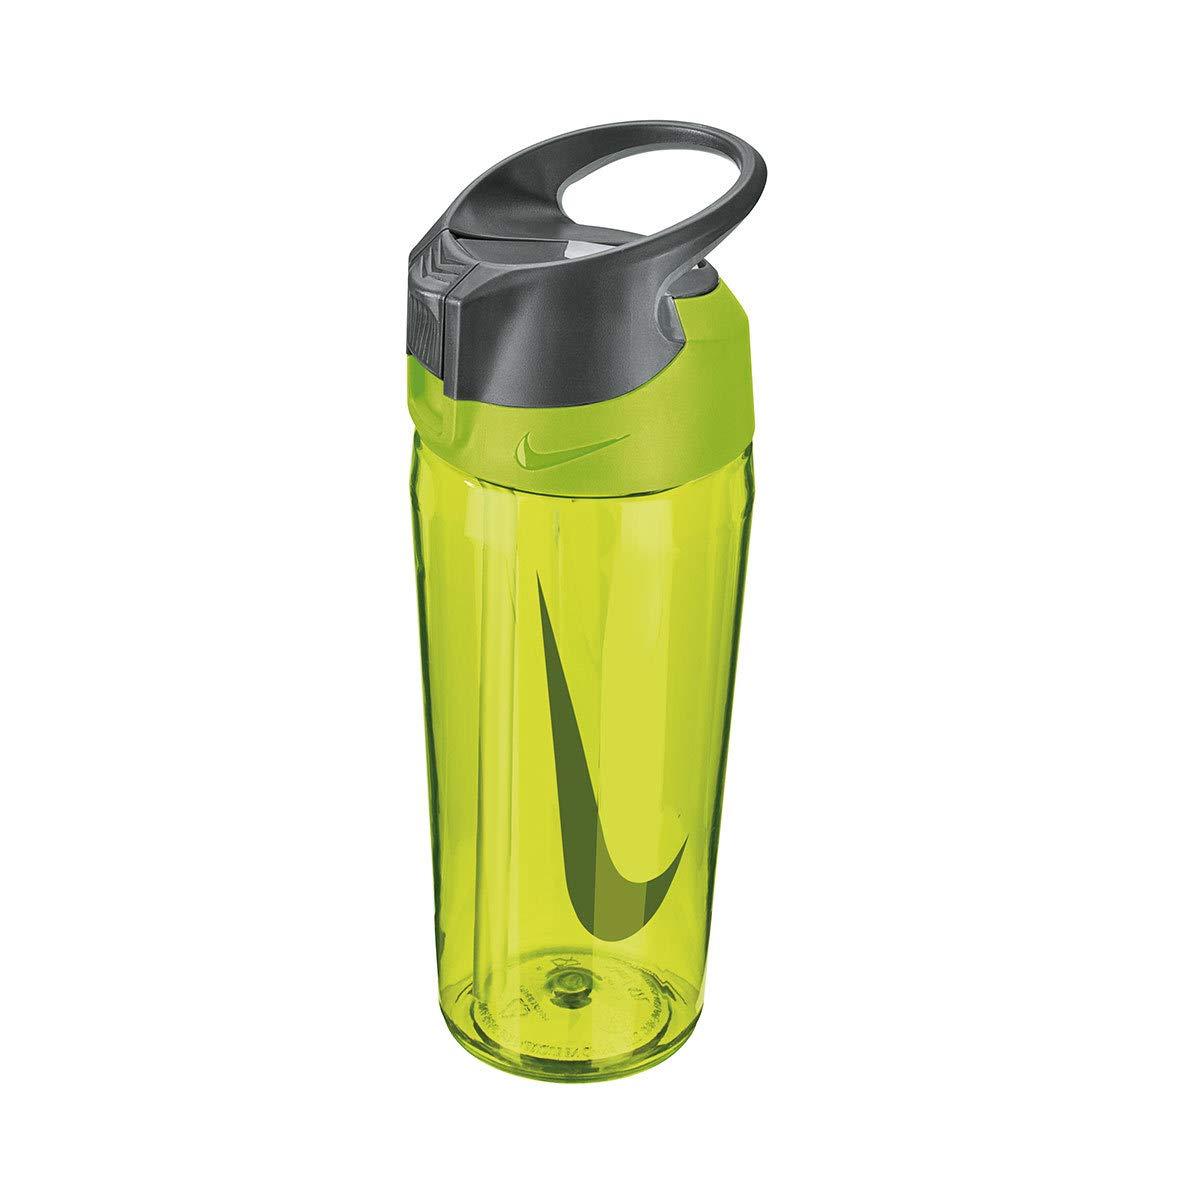 YATO Klappstuhl mit Werkzeugtasche Klapphocker Tasche Angelhocker Campingstuhl